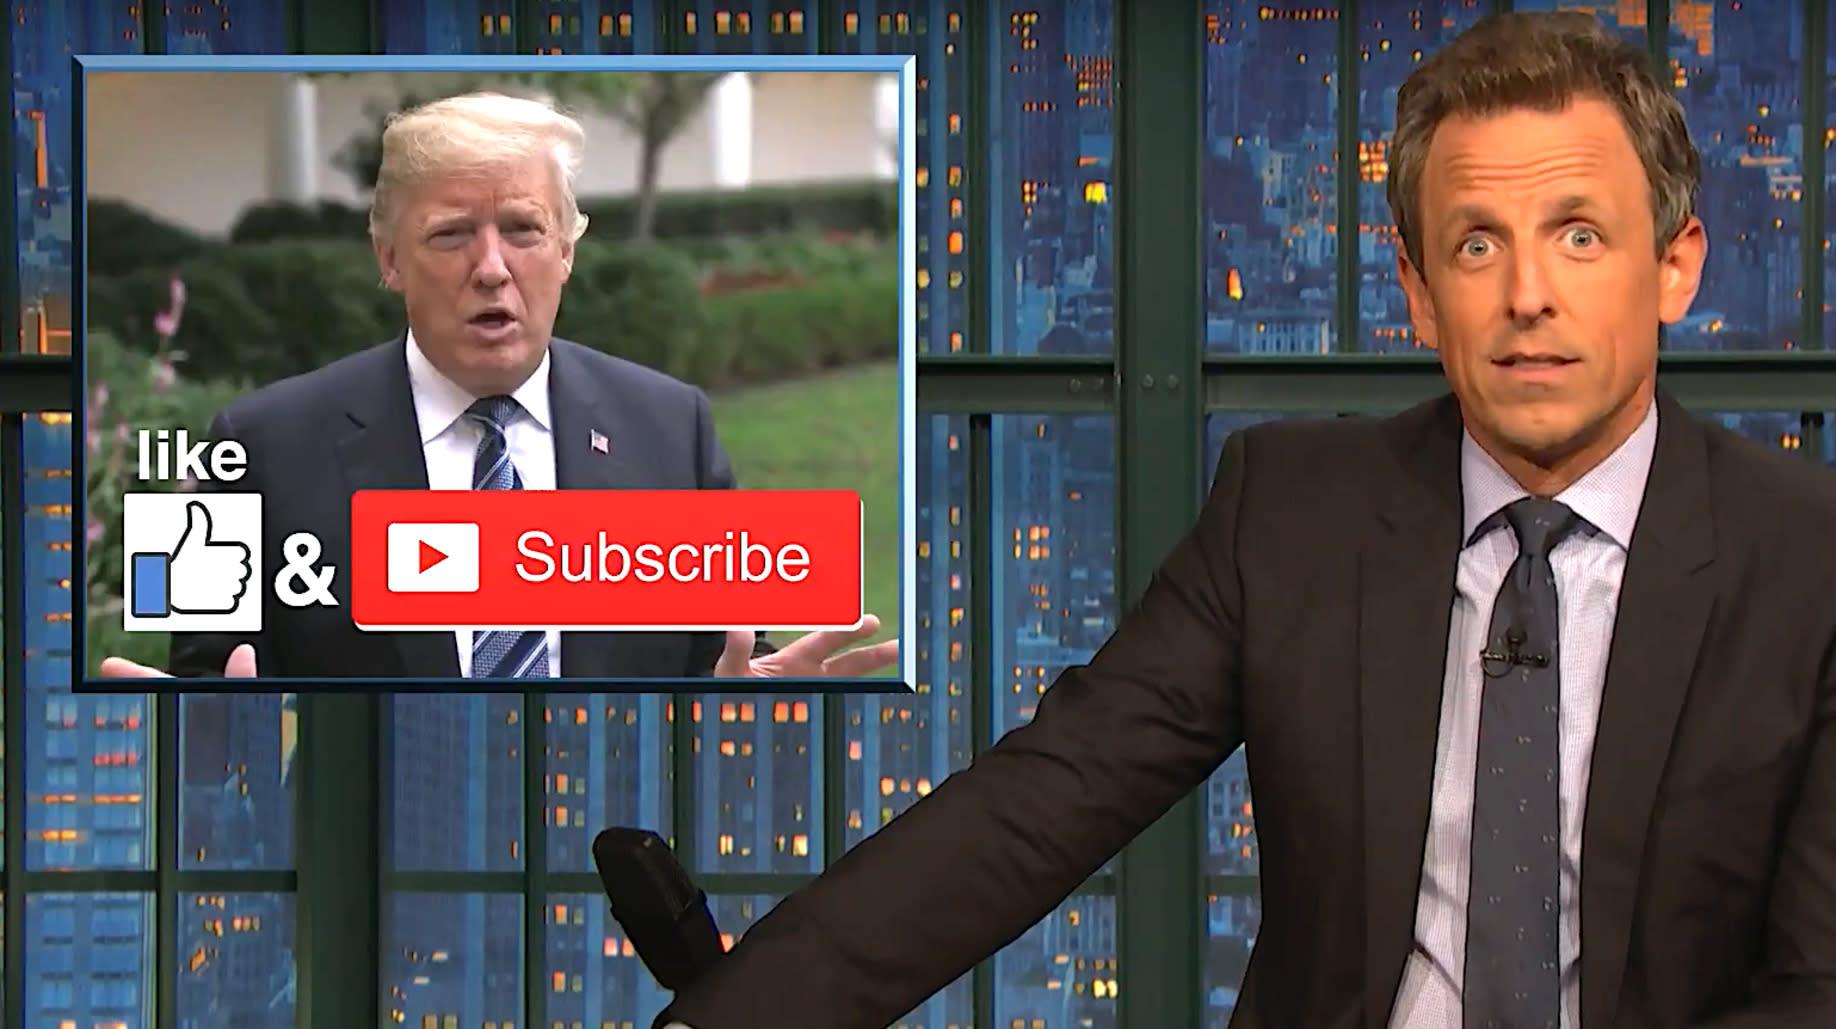 Seth Meyers Shreds 'Mid-Level' YouTuber Donald Trump Over Hurricane Florence Warning